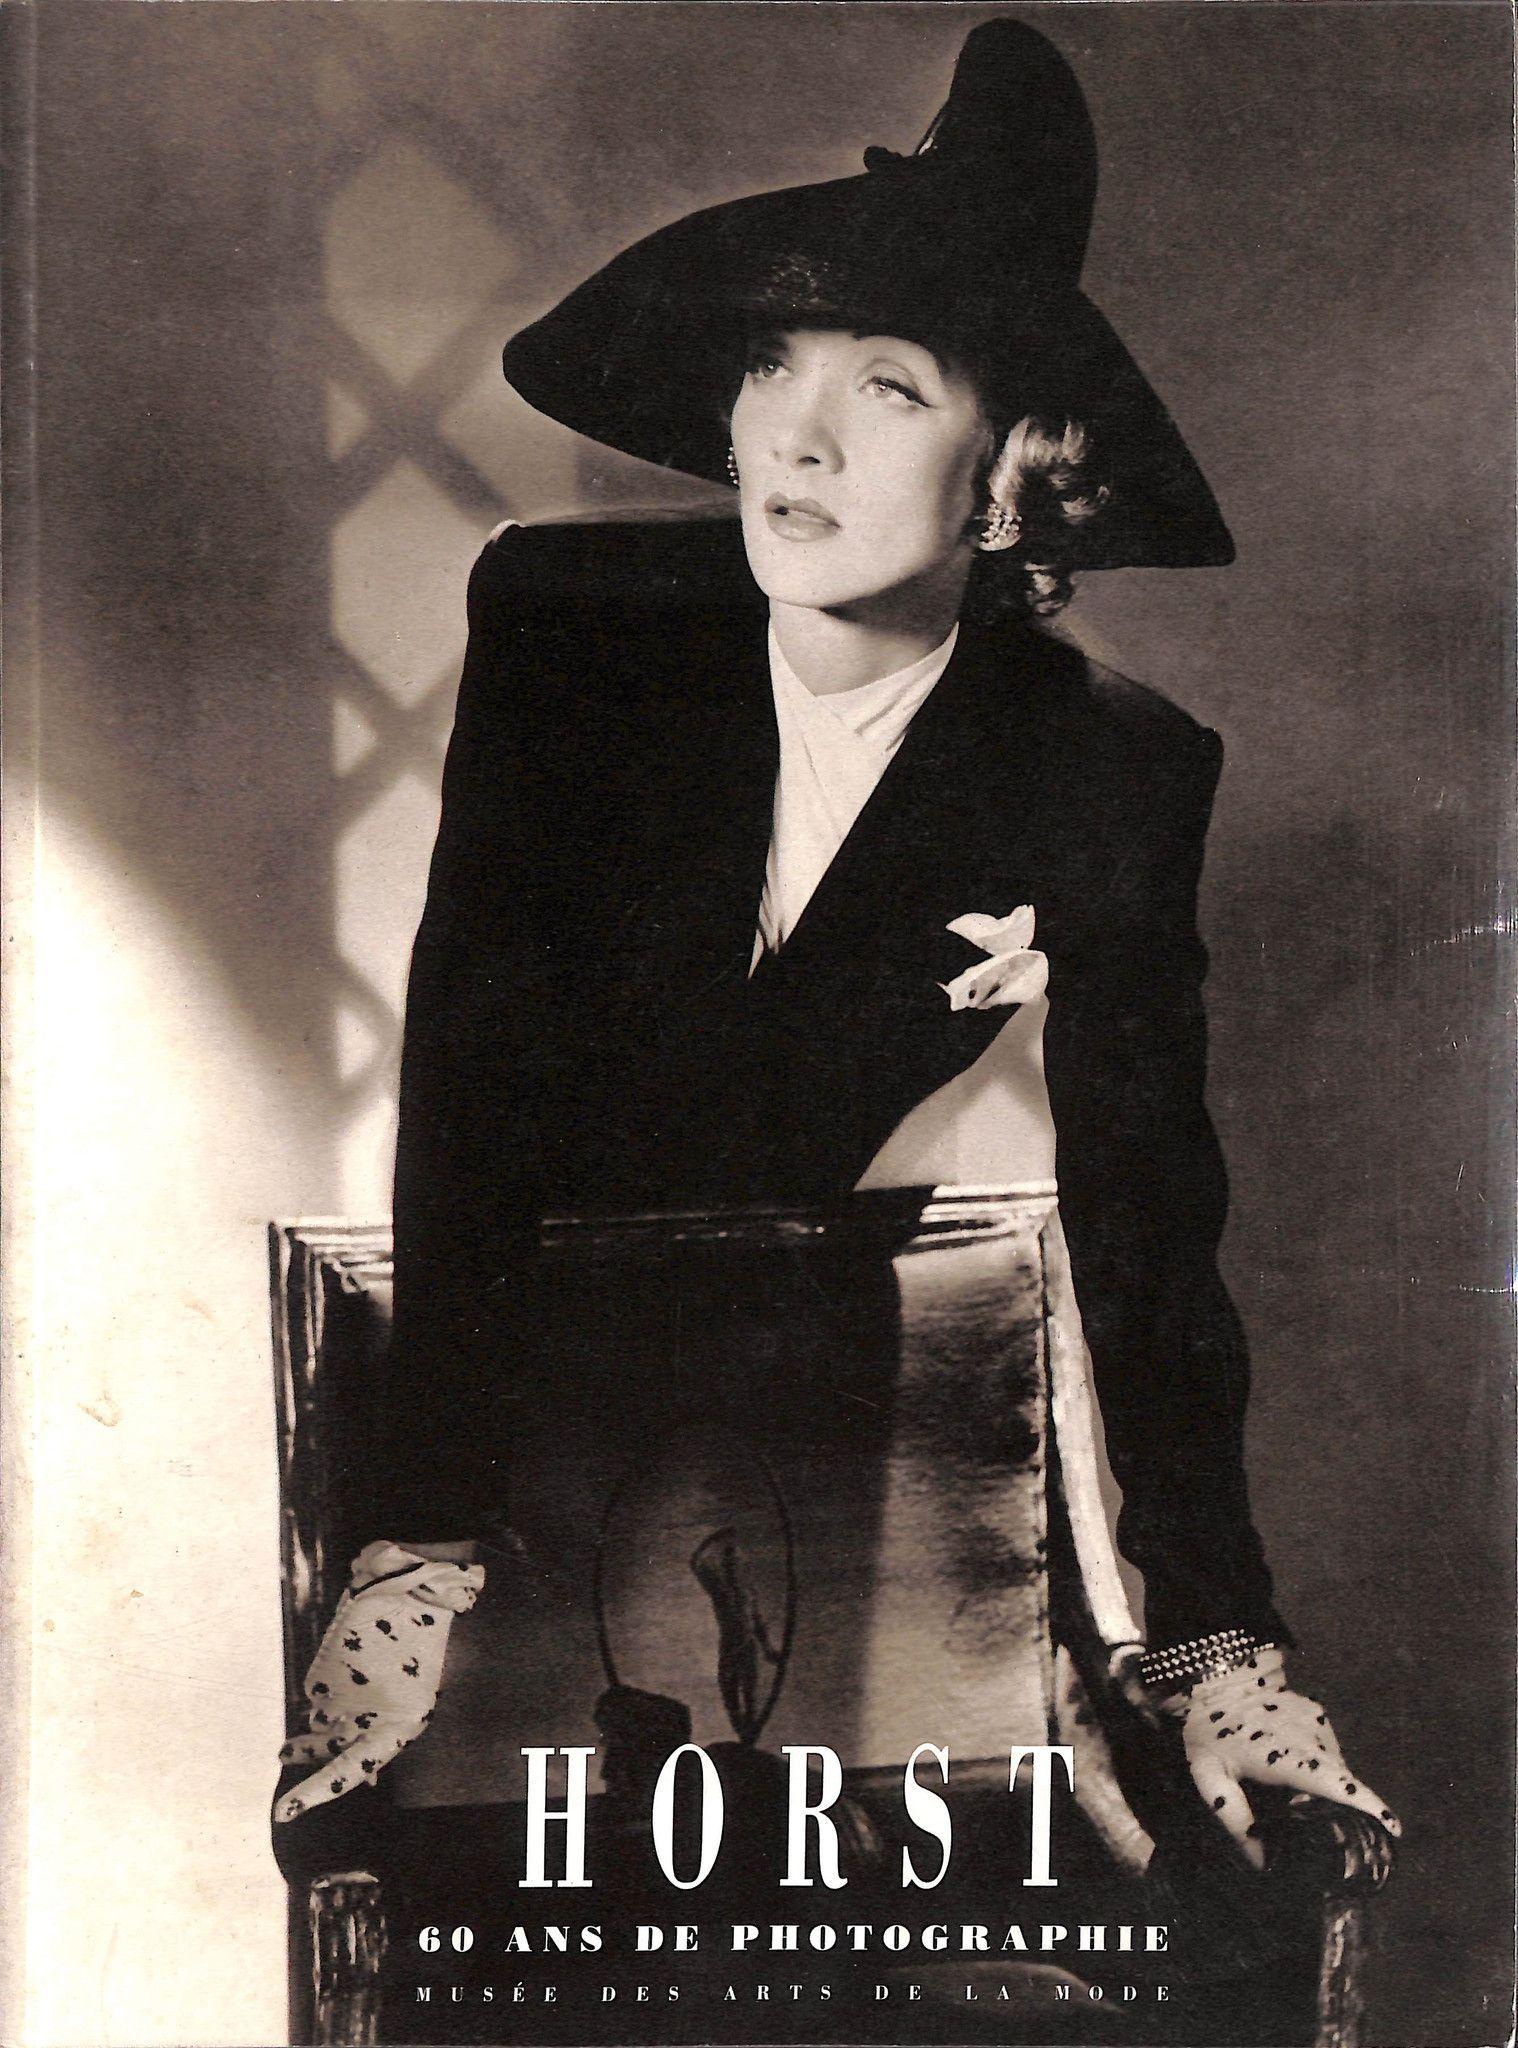 Horst 60 Ans De Photographie Art Horst P Horst Fashion